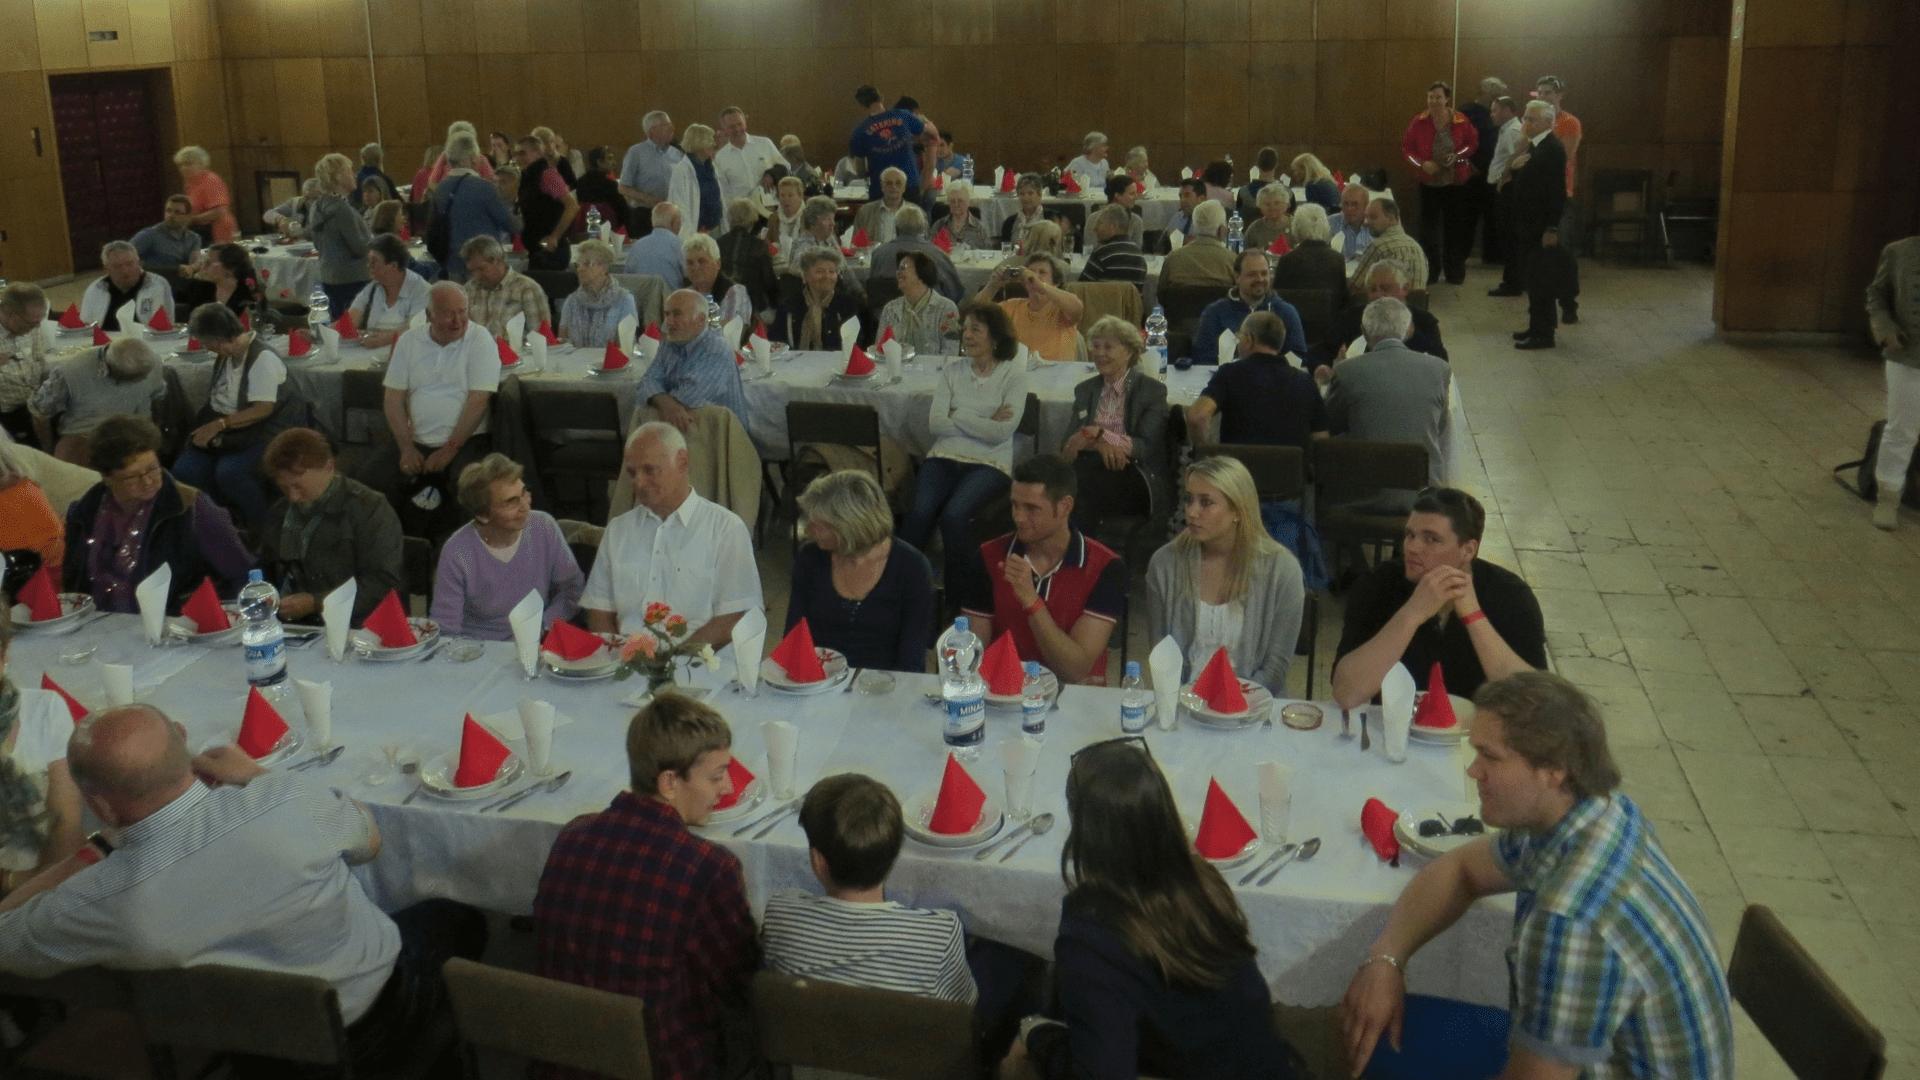 250 Jahre Gründung Filipowas. Das Mittagessen im Bürgersaal von Backi Gracac, die Bewirtung erfolgte durch freiwillige Helfer der Ortsbevölkerung. Foto: Archiv Freundeskreis Filipowa